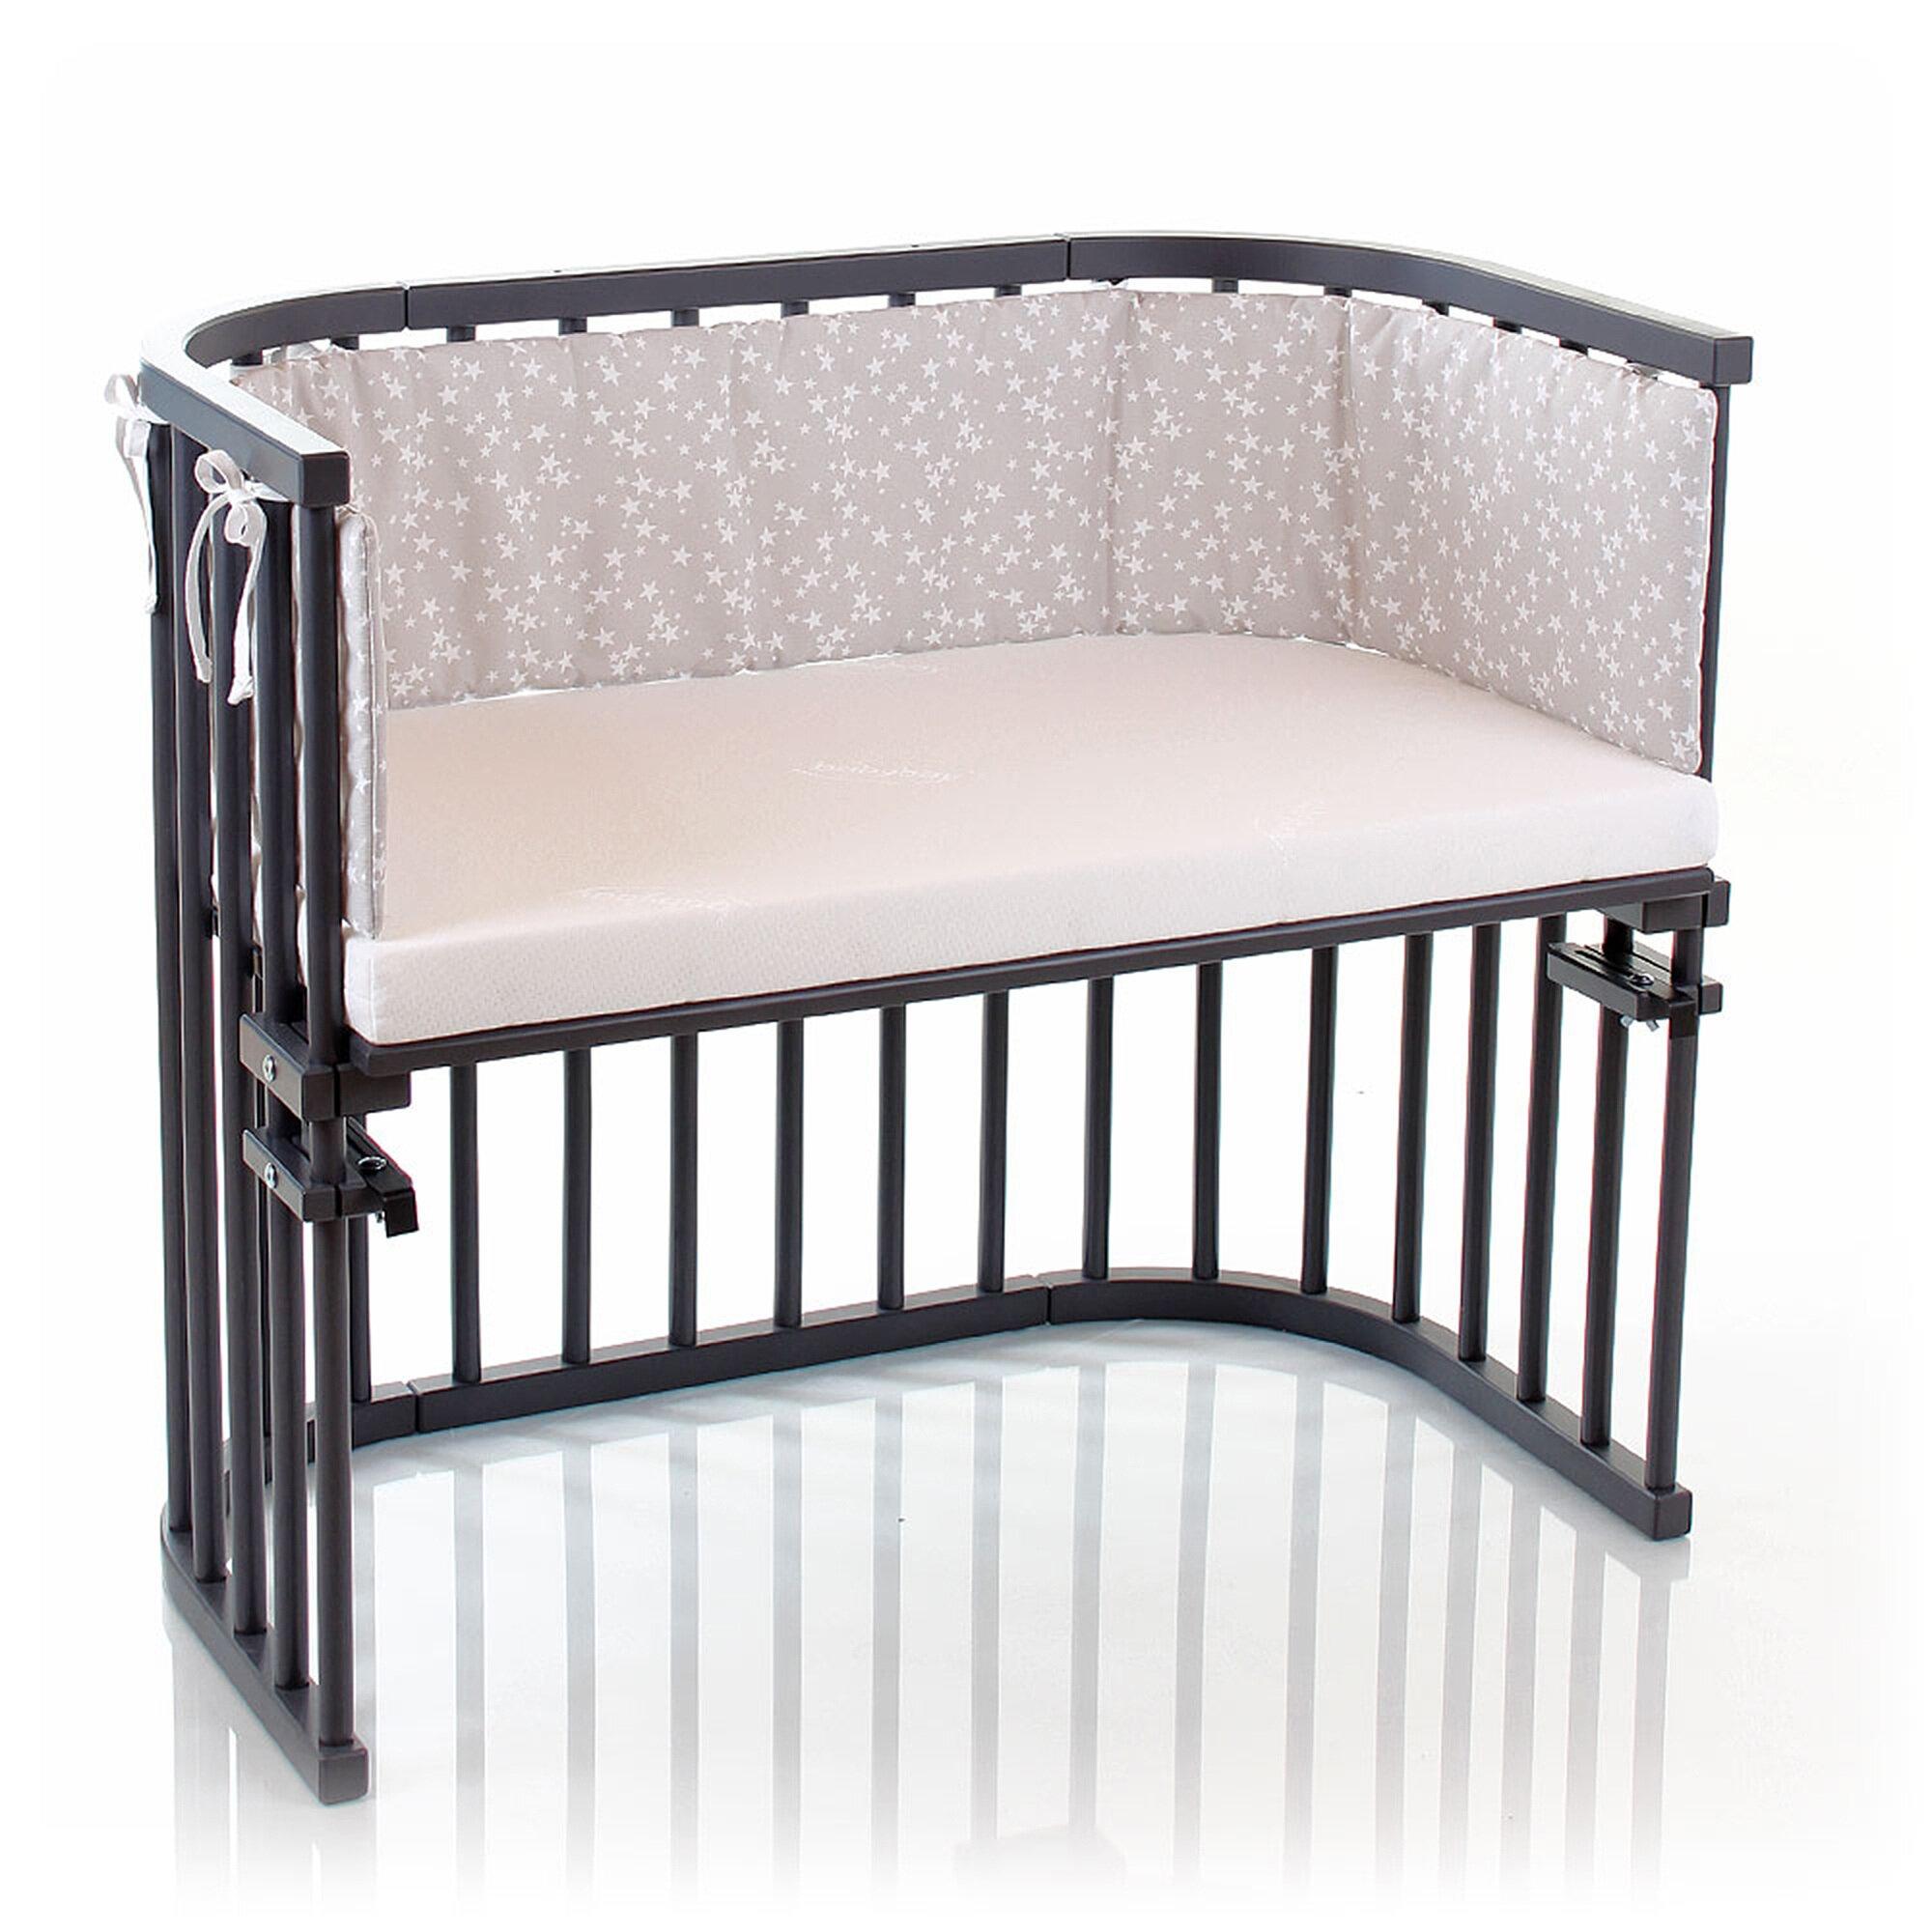 babybay-nestchen-pique-fur-beistellbett-original-grau